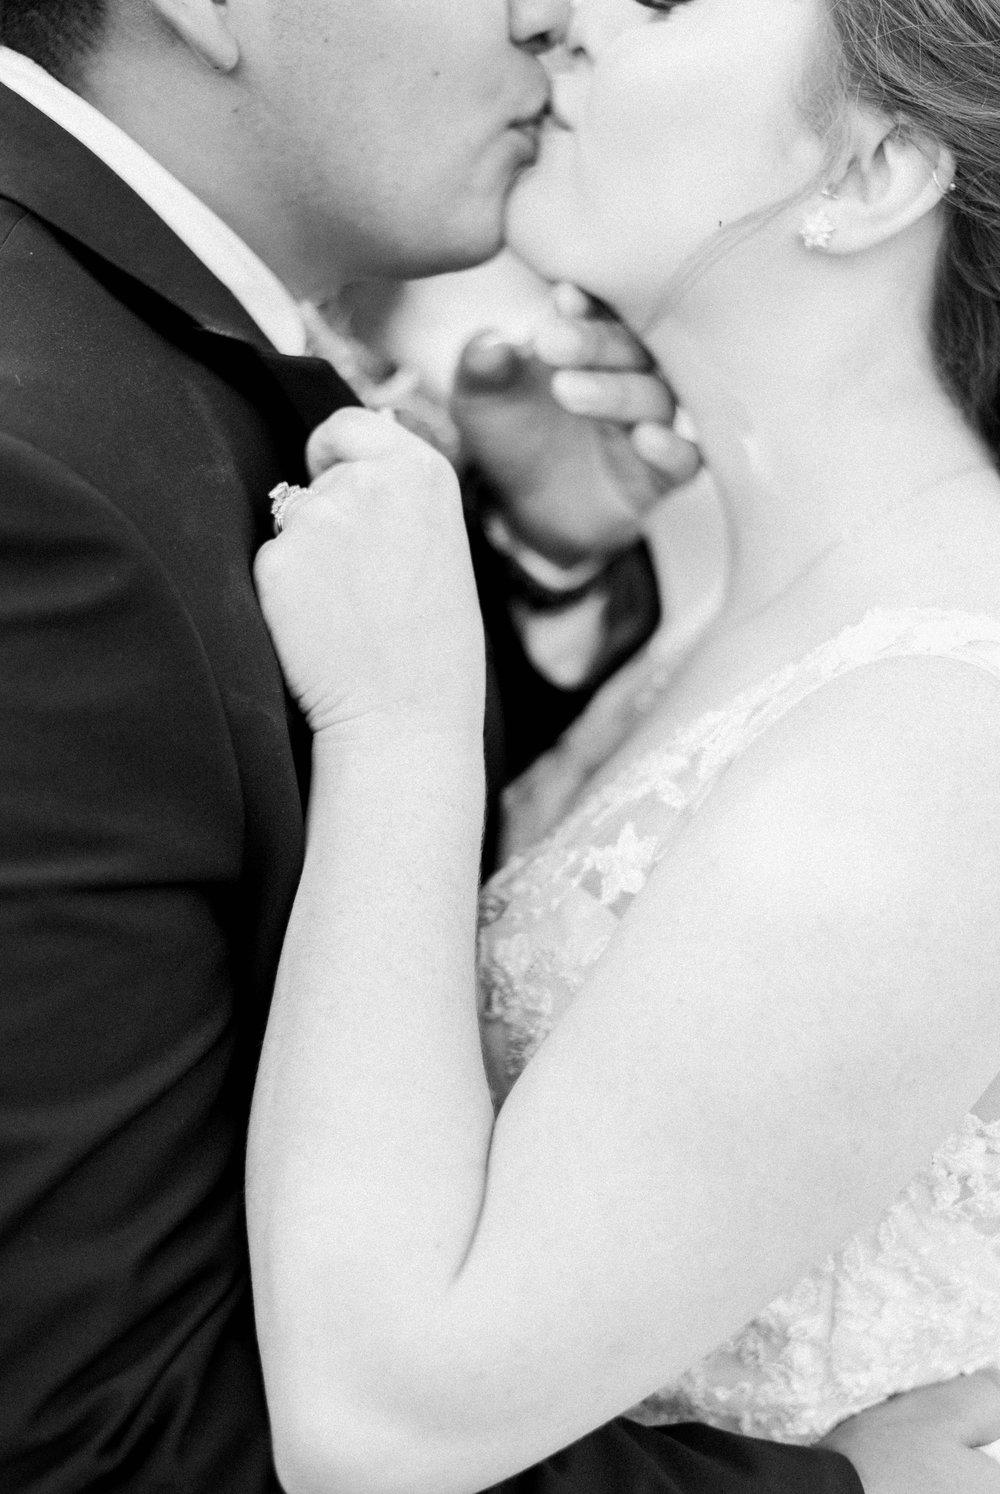 Jillian+Abi_OakridgeEstate_Wedding_VirginiaWeddingPhotographer_SpringWedding 24.jpg